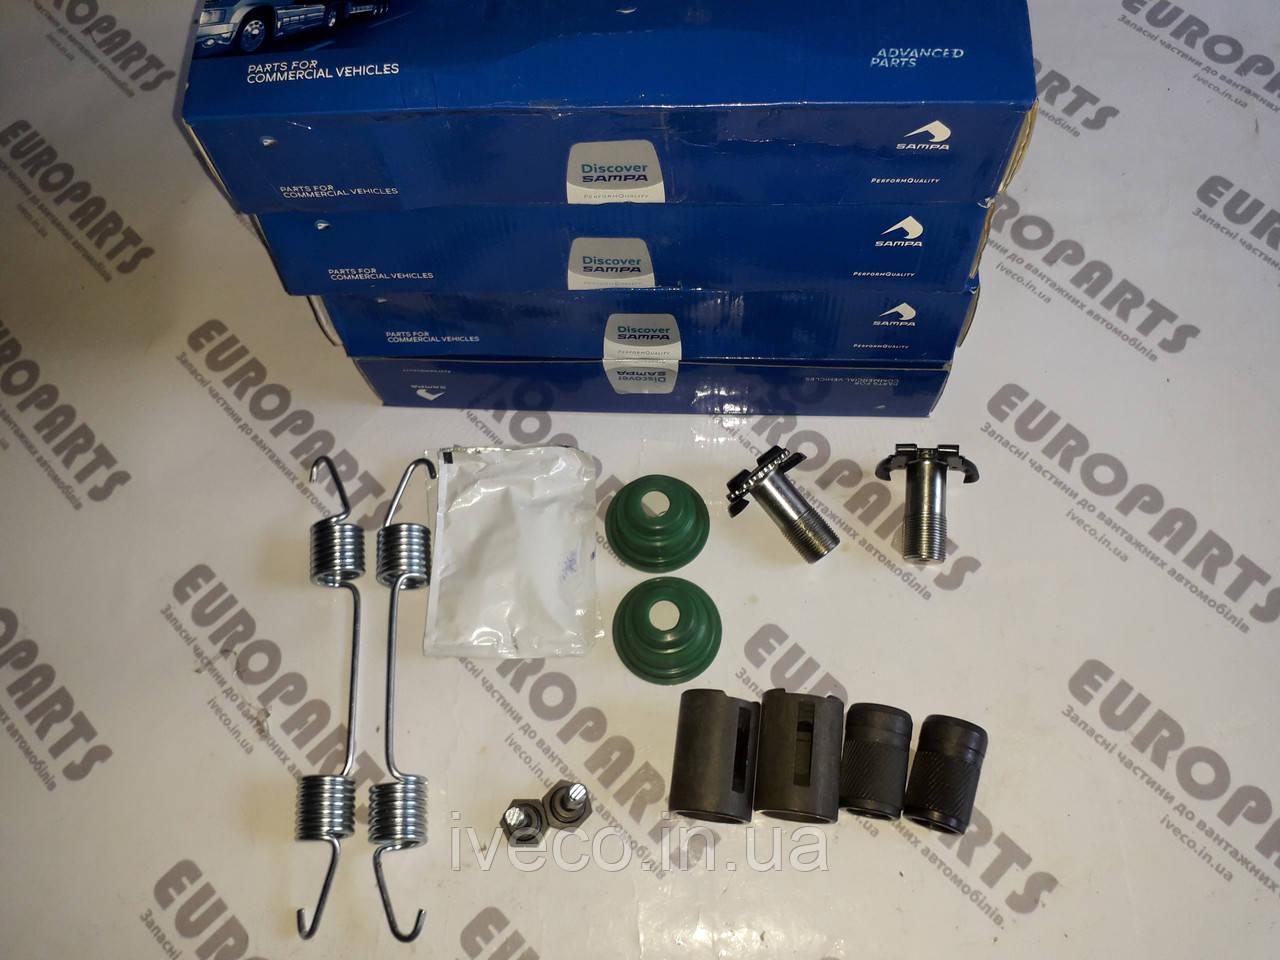 Ремонтный комплект суппорта Duplex на сторону Iveco Trakker EuroTrakker Ивеко ASTRA HD8 42536197 42550961